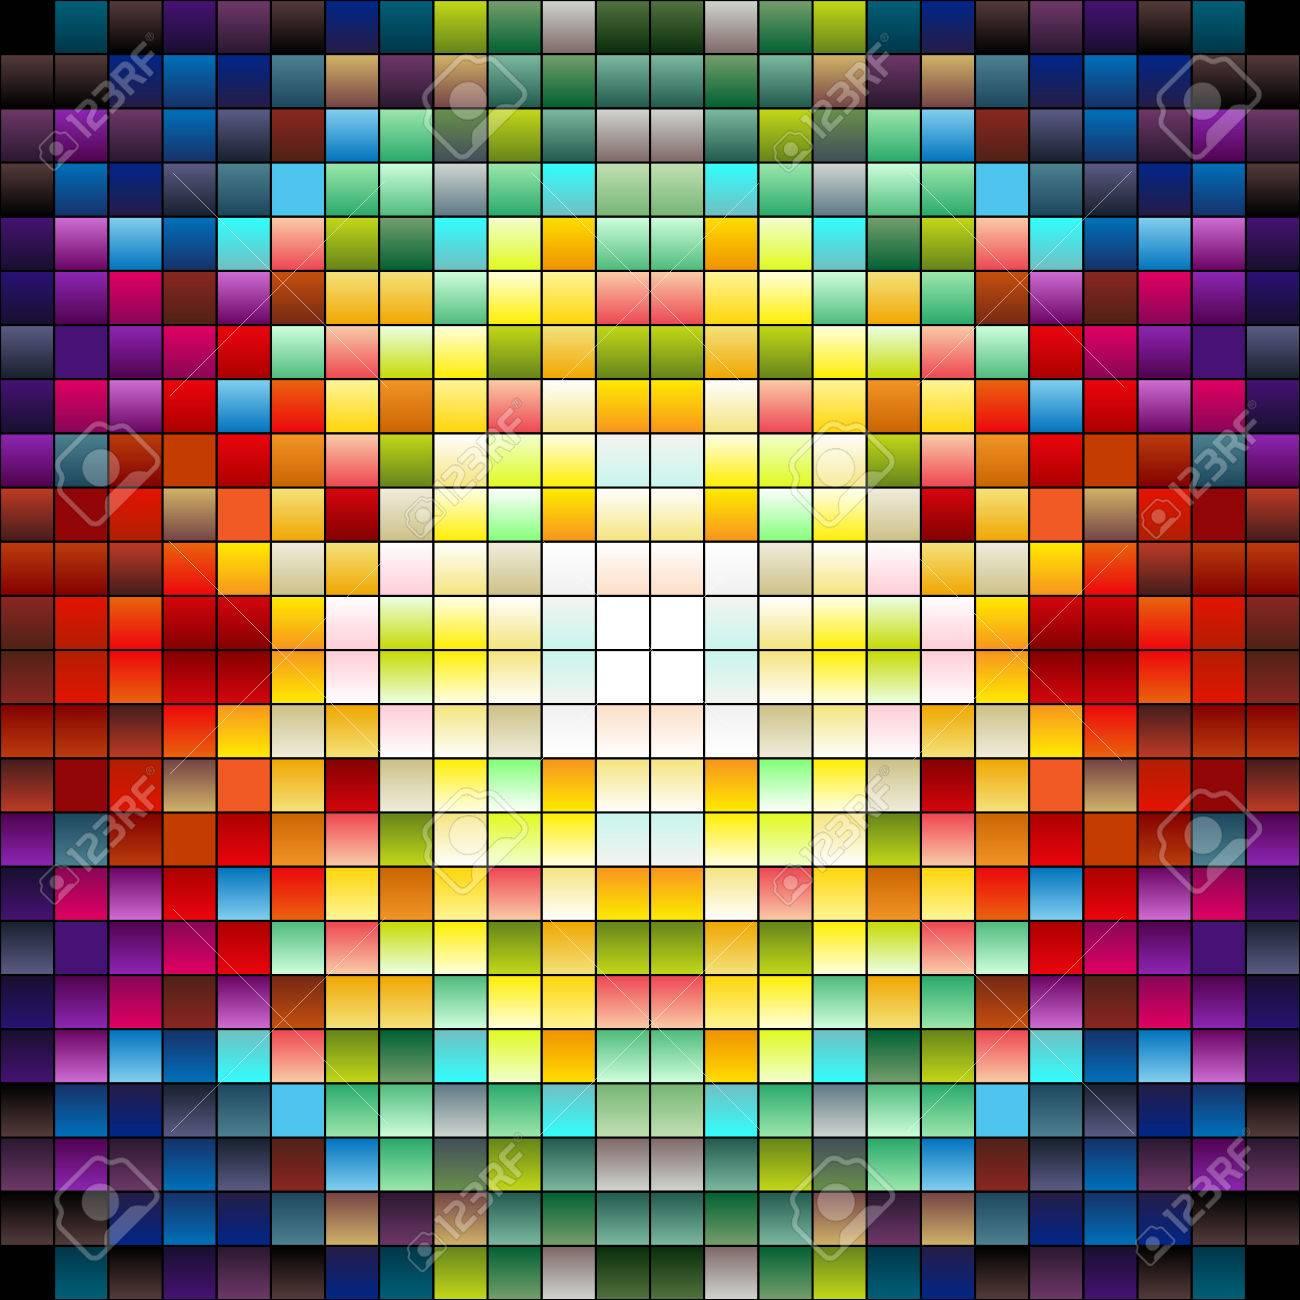 Carrés Colorés Les Pixels Ou Les Carreaux De Mosaïque Couleurs Gradiant